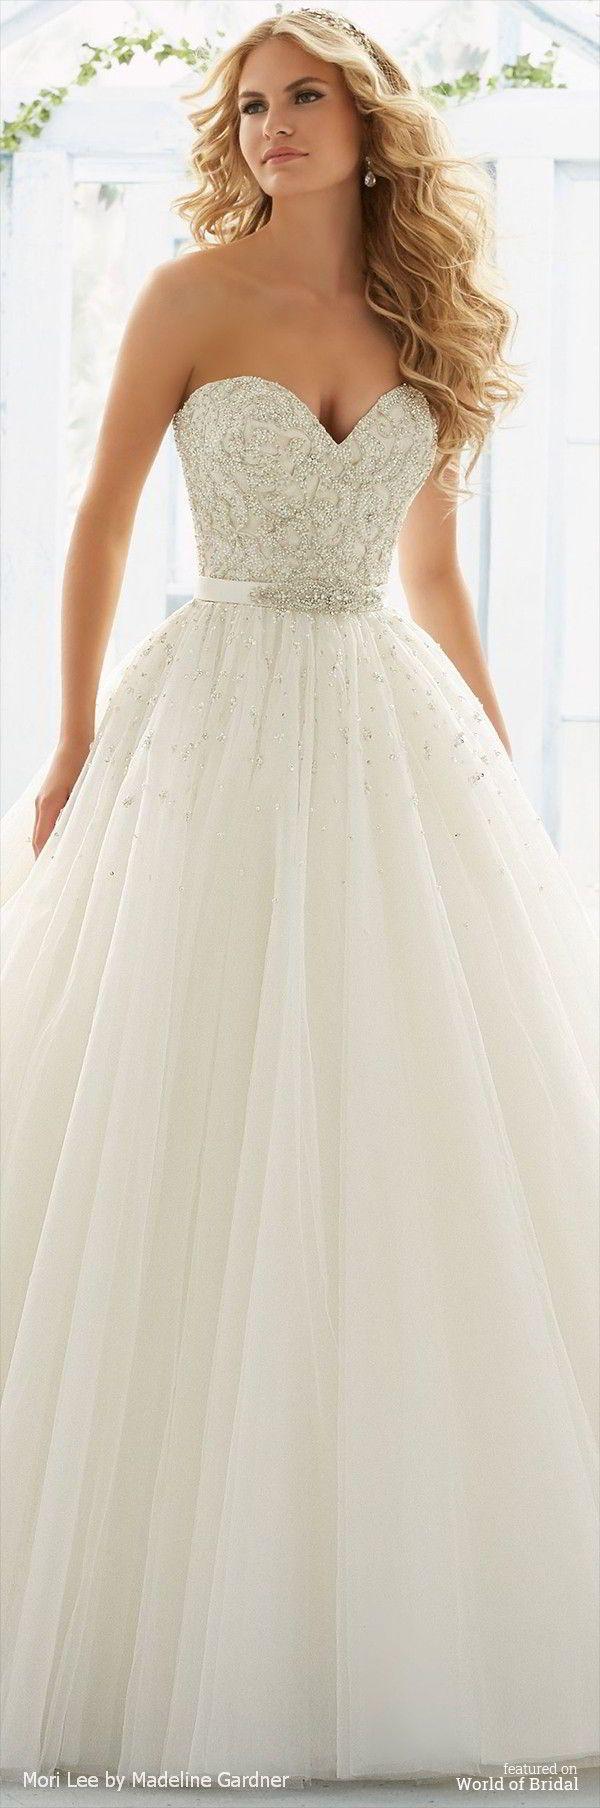 Mori Lee por Madeline Gardner Primavera 2016 vestido de novia